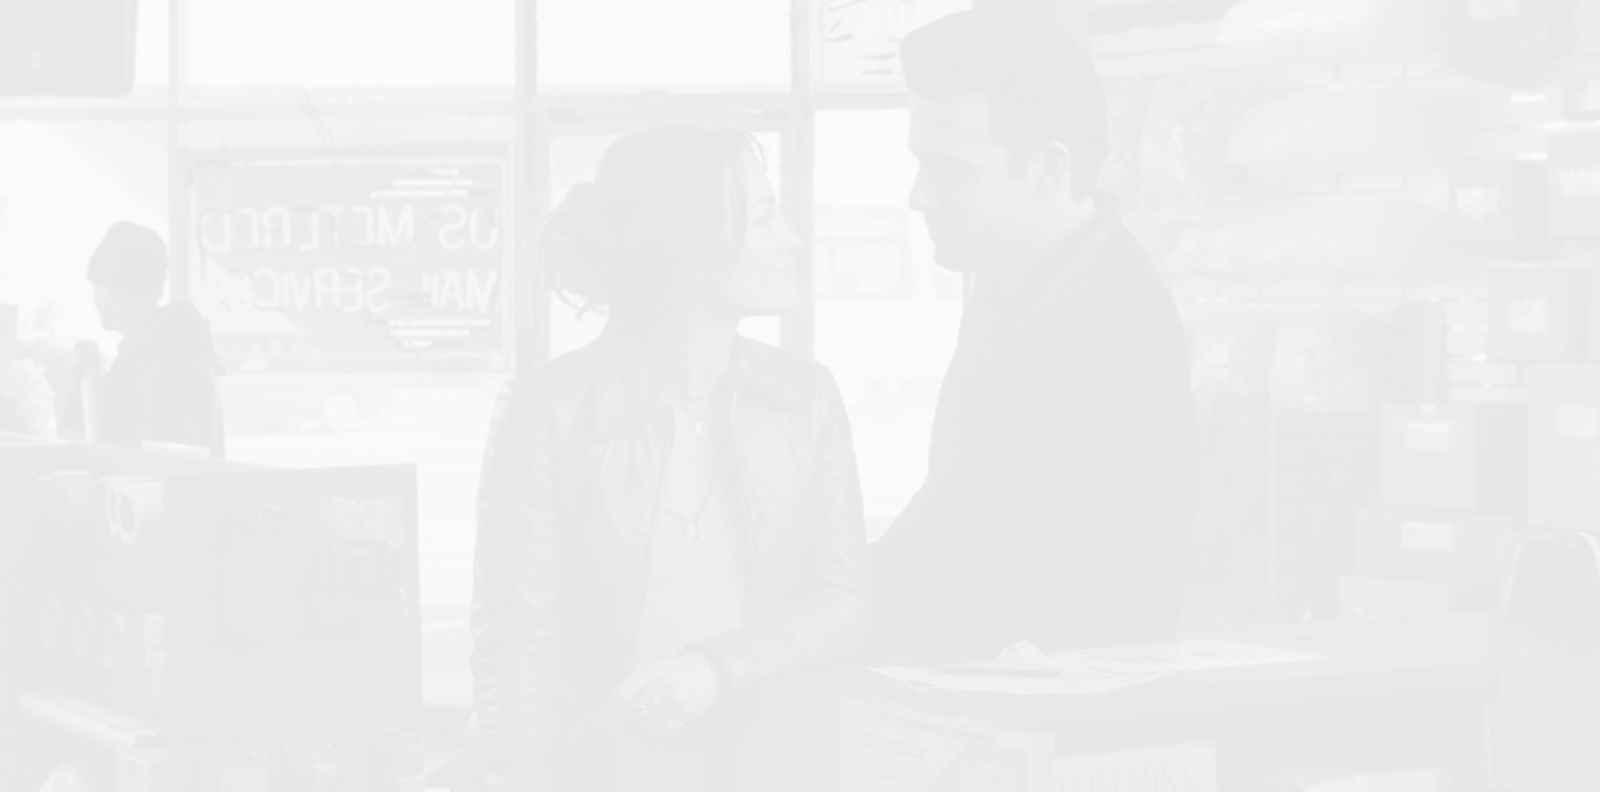 Конспирации, пътувания и тайни: Какво се случва с Джей Ло и Бен Афлек?